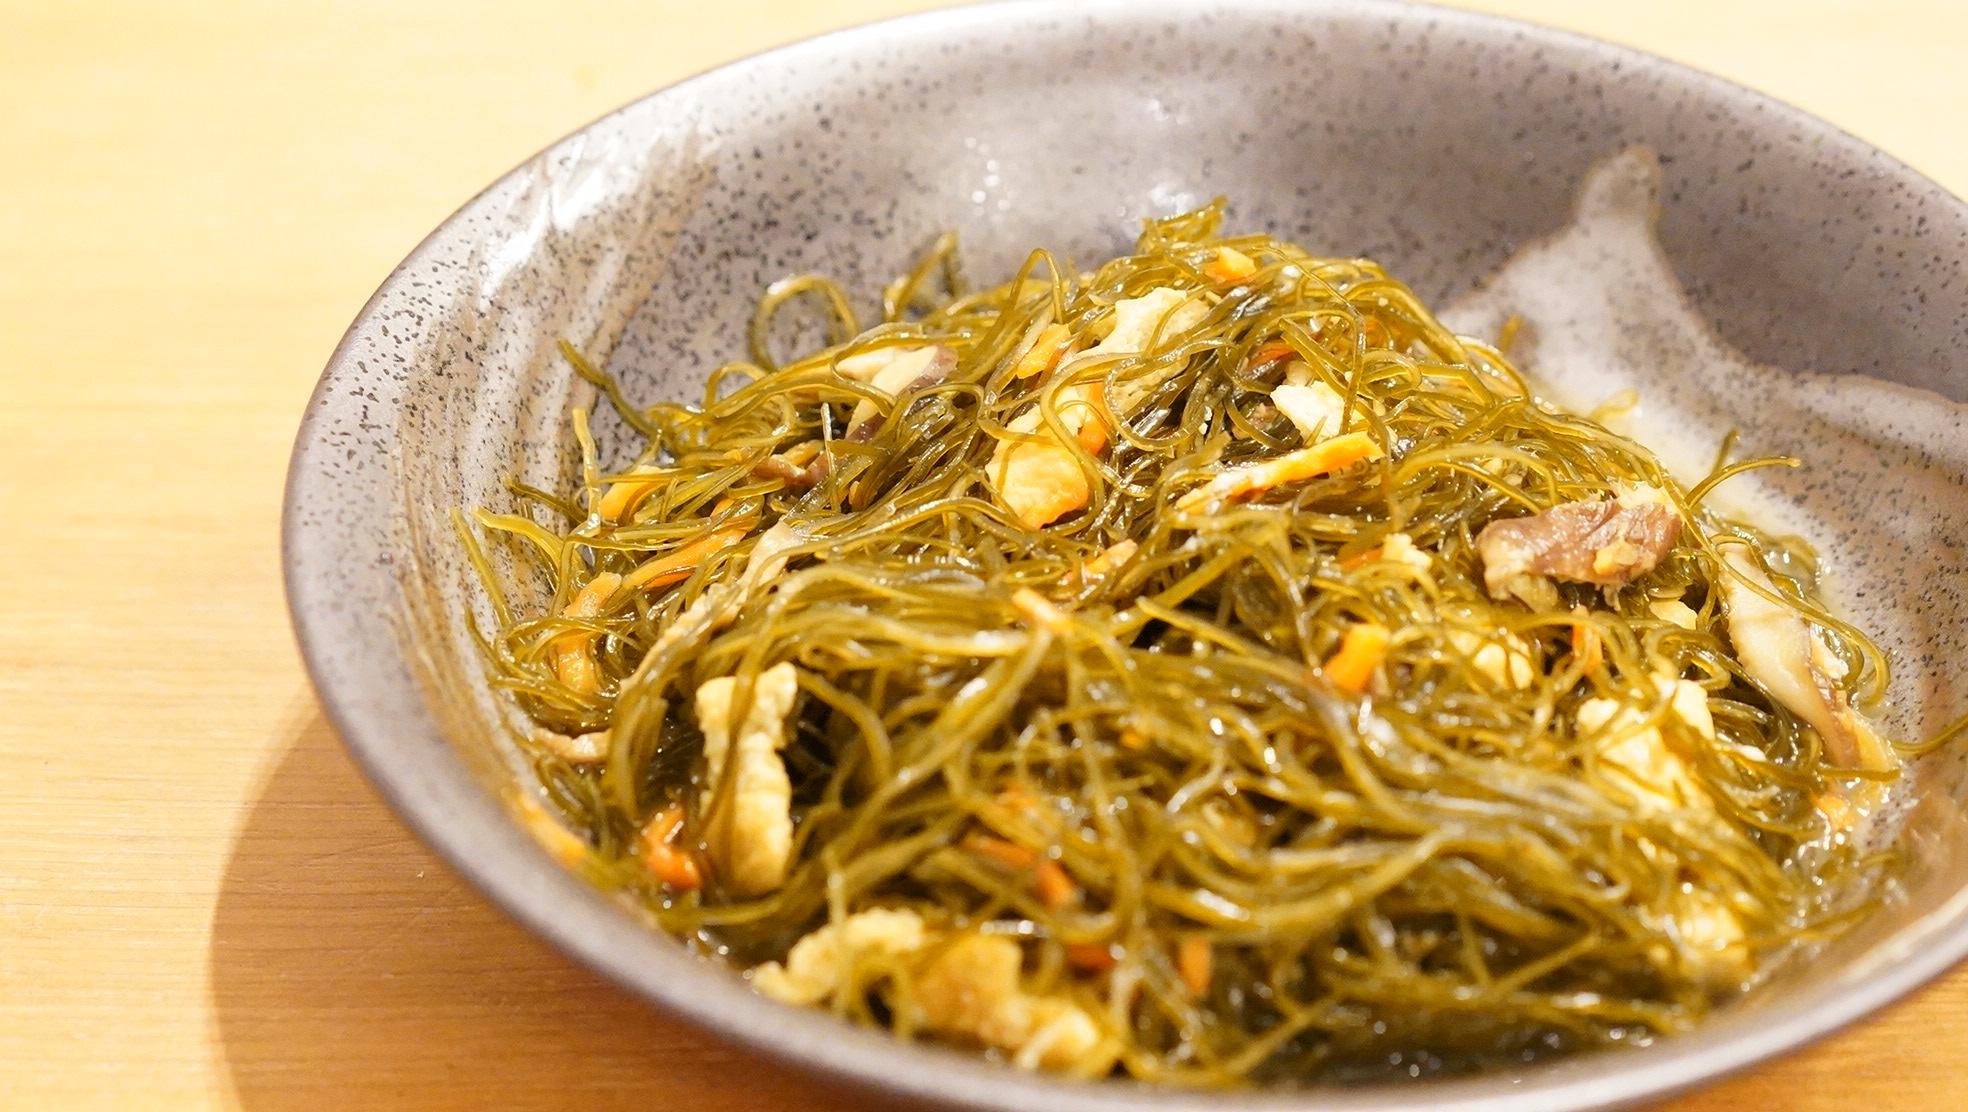 無印良品のおすすめ冷凍食品「京揚げ入り茶切り昆布煮」の写真